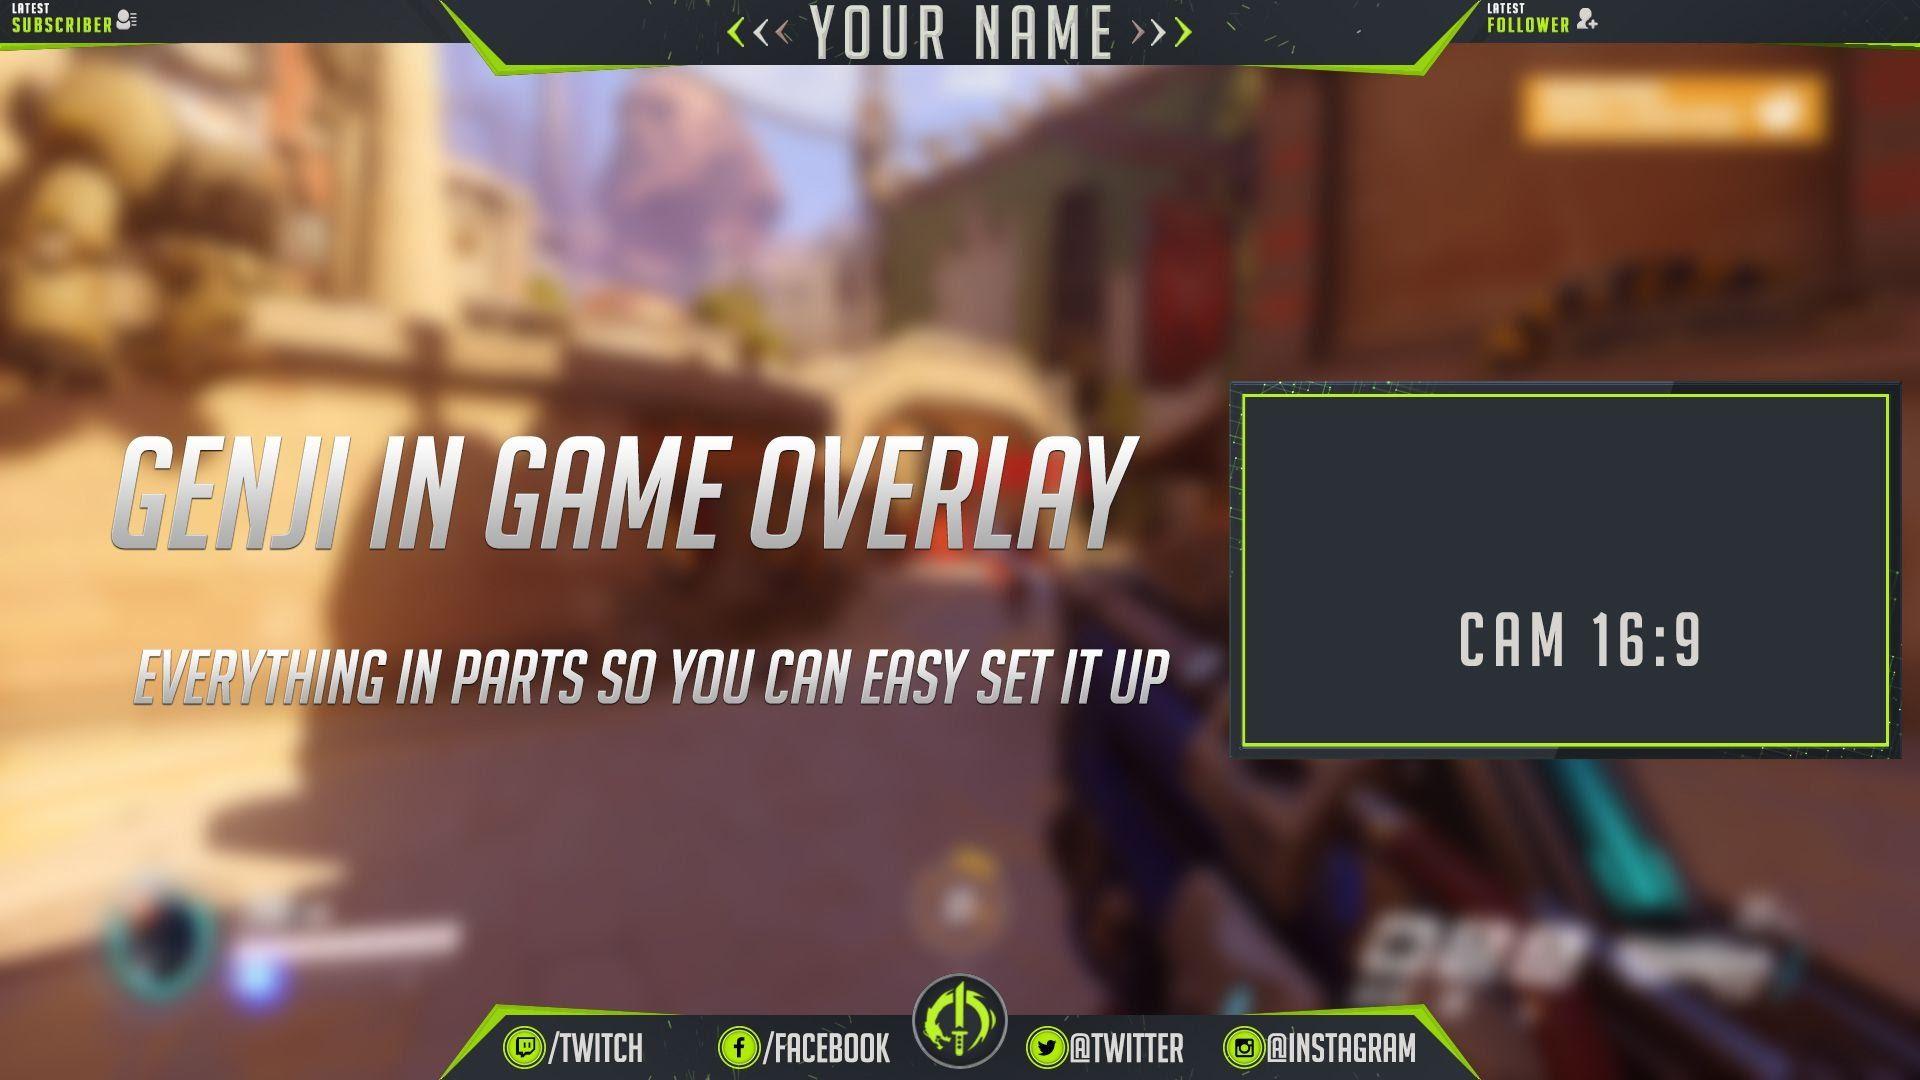 How to edit overlay in OBS STUDIO (Genji Overwatch overlay)